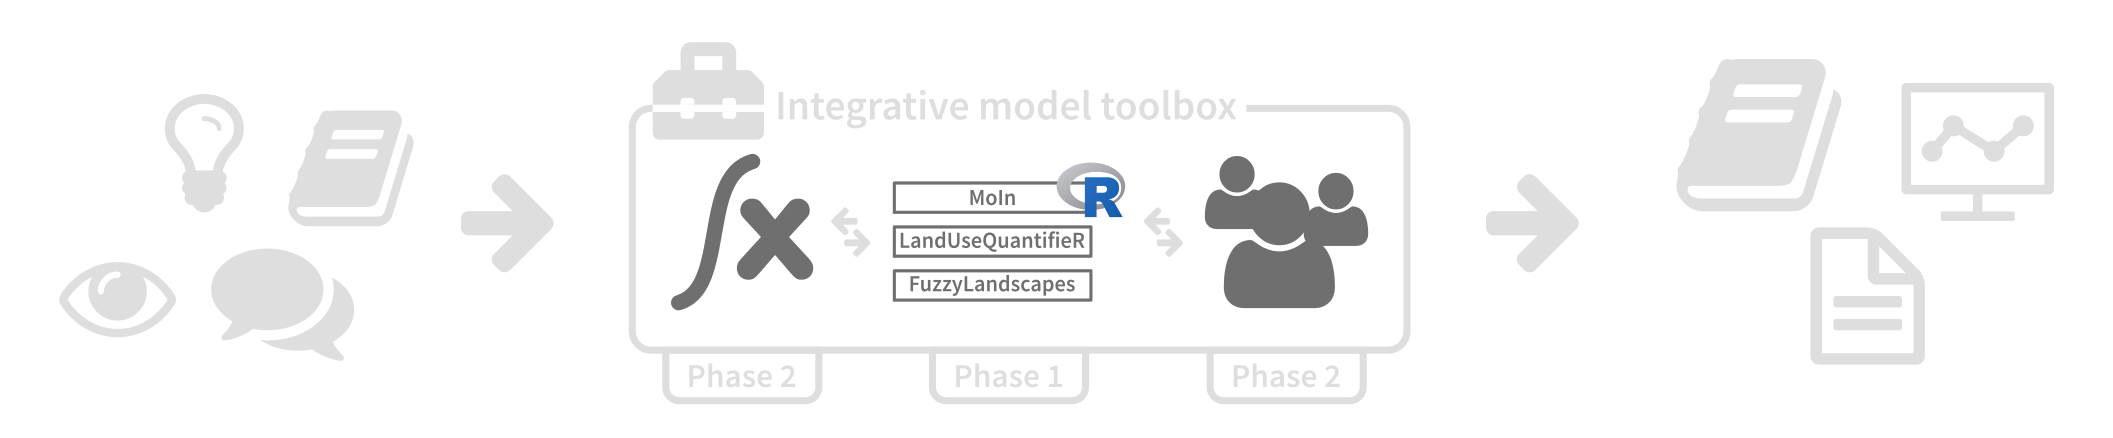 Model toolbox